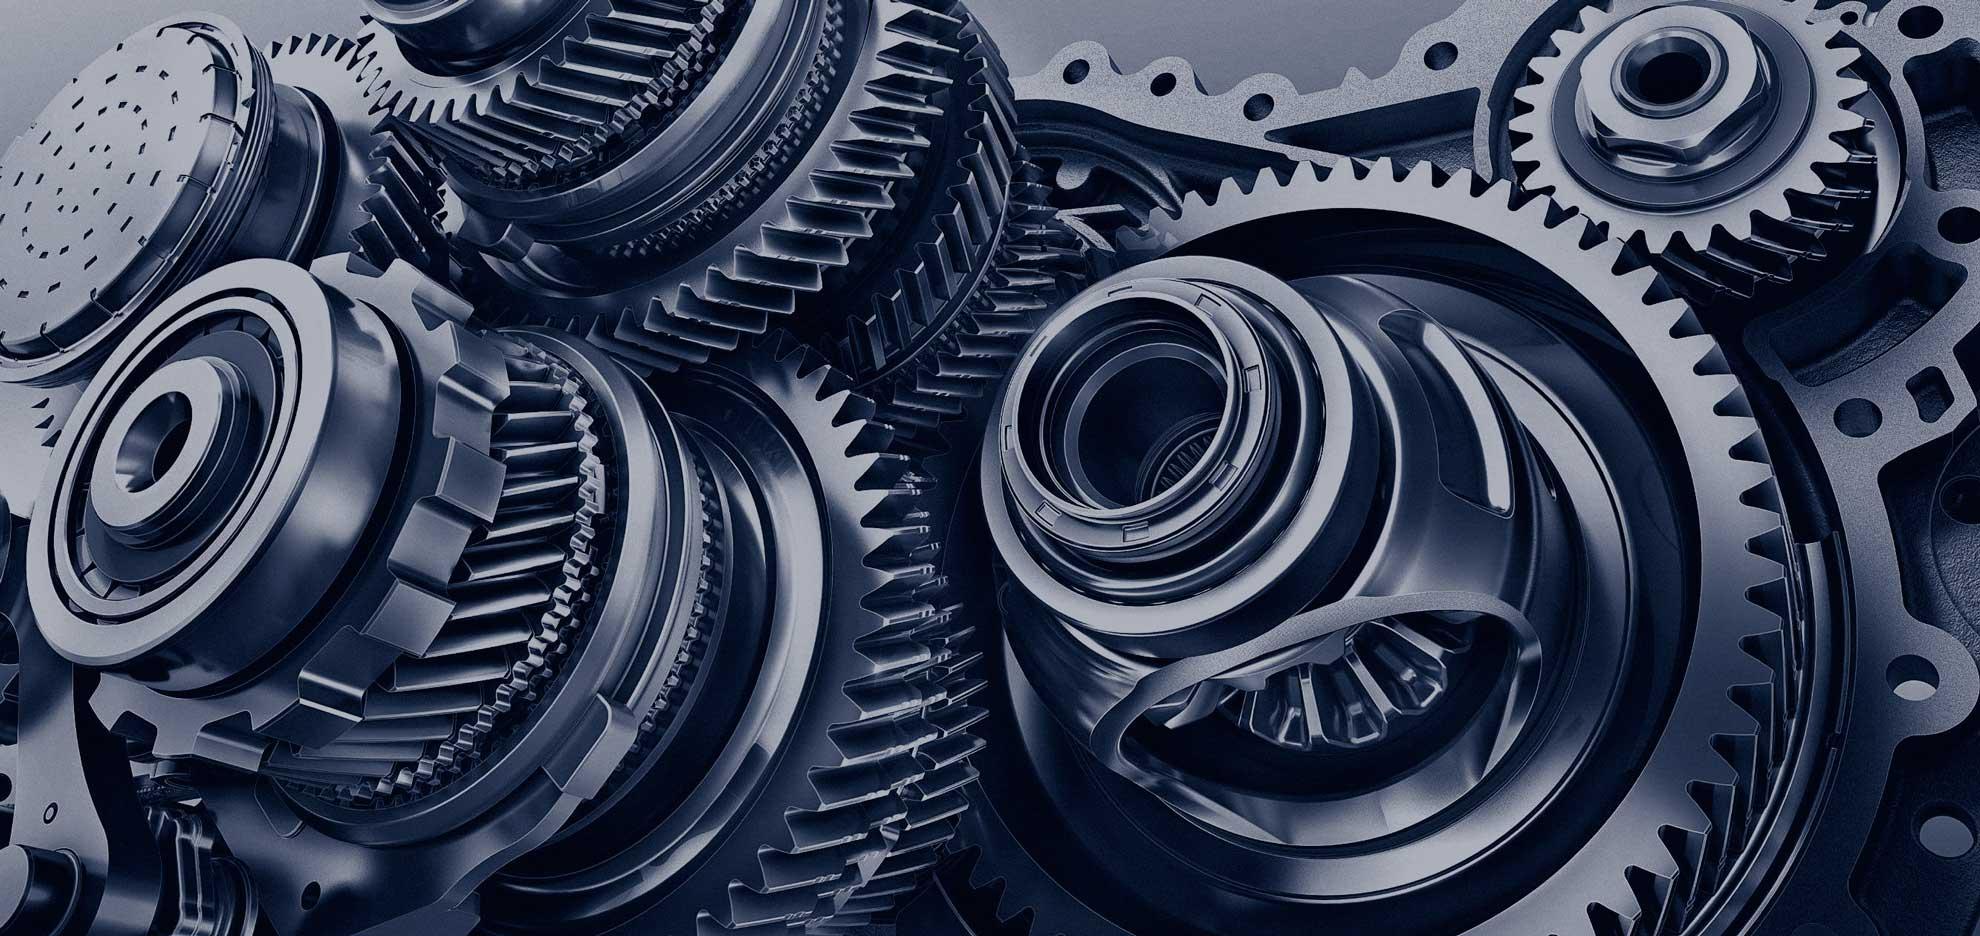 автокосметика и автохимия AXIOM